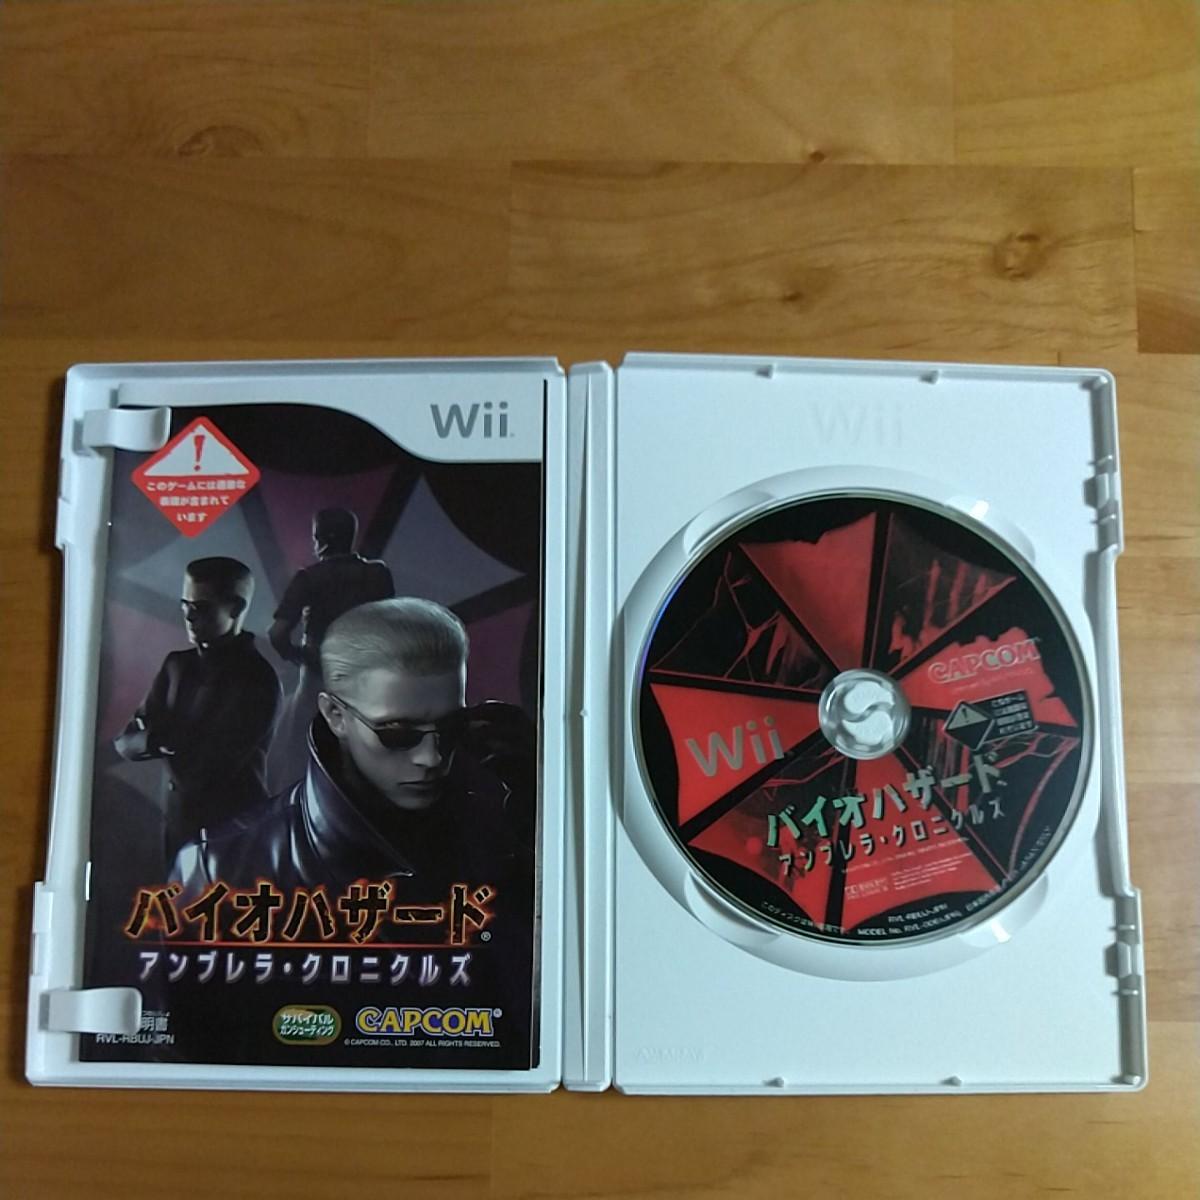 【Wii】 バイオハザード4 Wiiエディション [Best Price!]